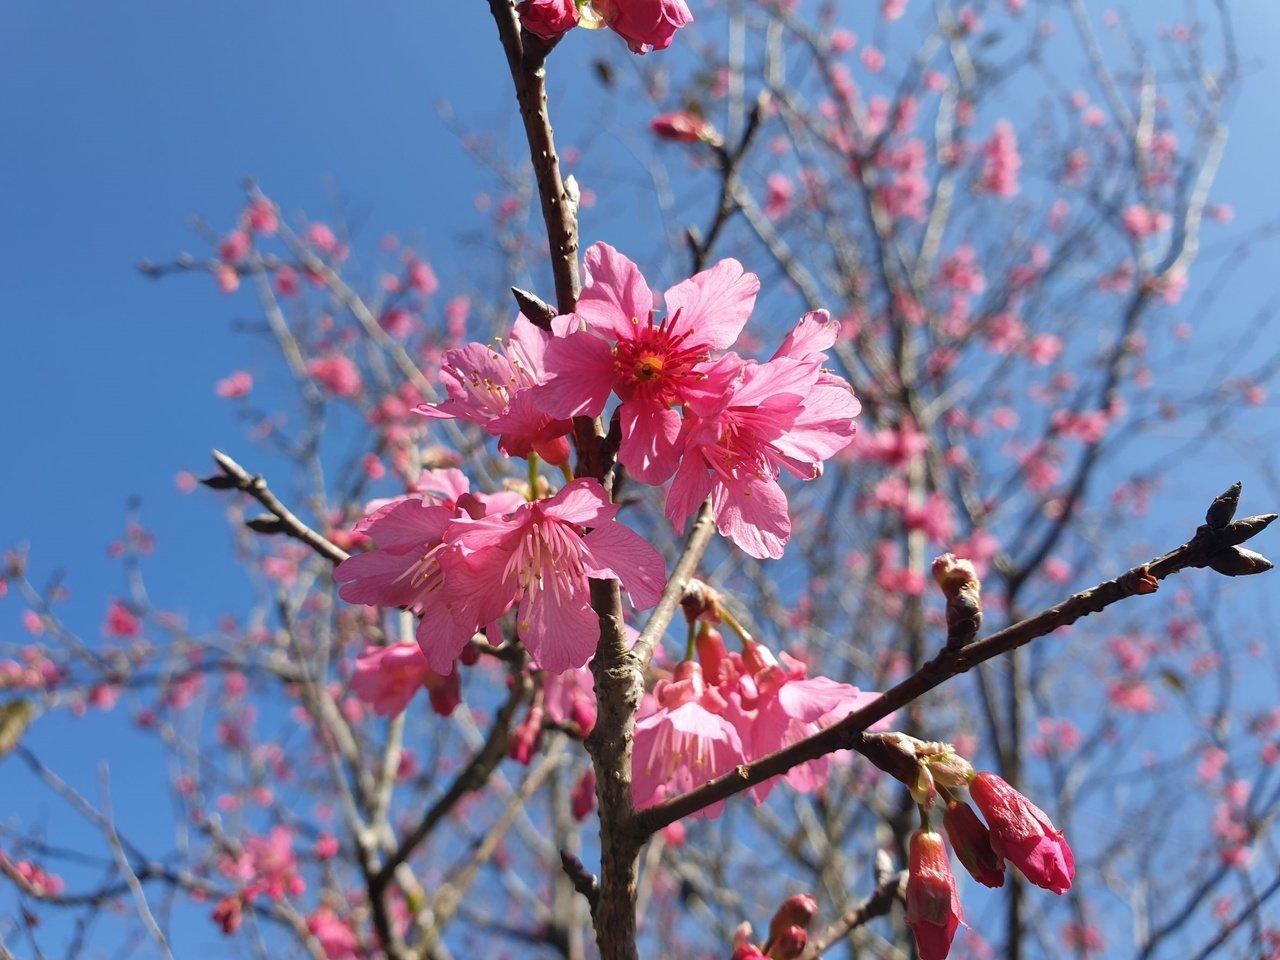 日月潭暨大櫻花季今開跑,校園已見櫻姿綻放。 圖/賴香珊 攝影